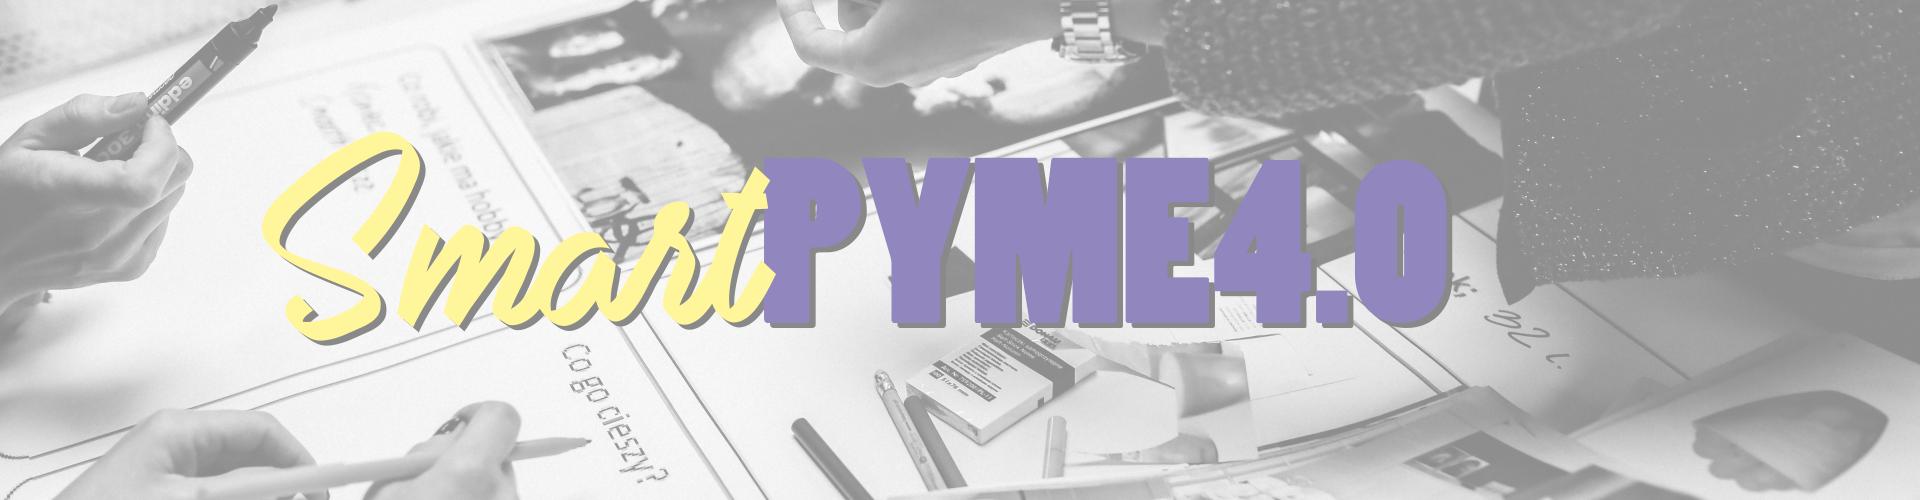 Smart Pyme 4.0